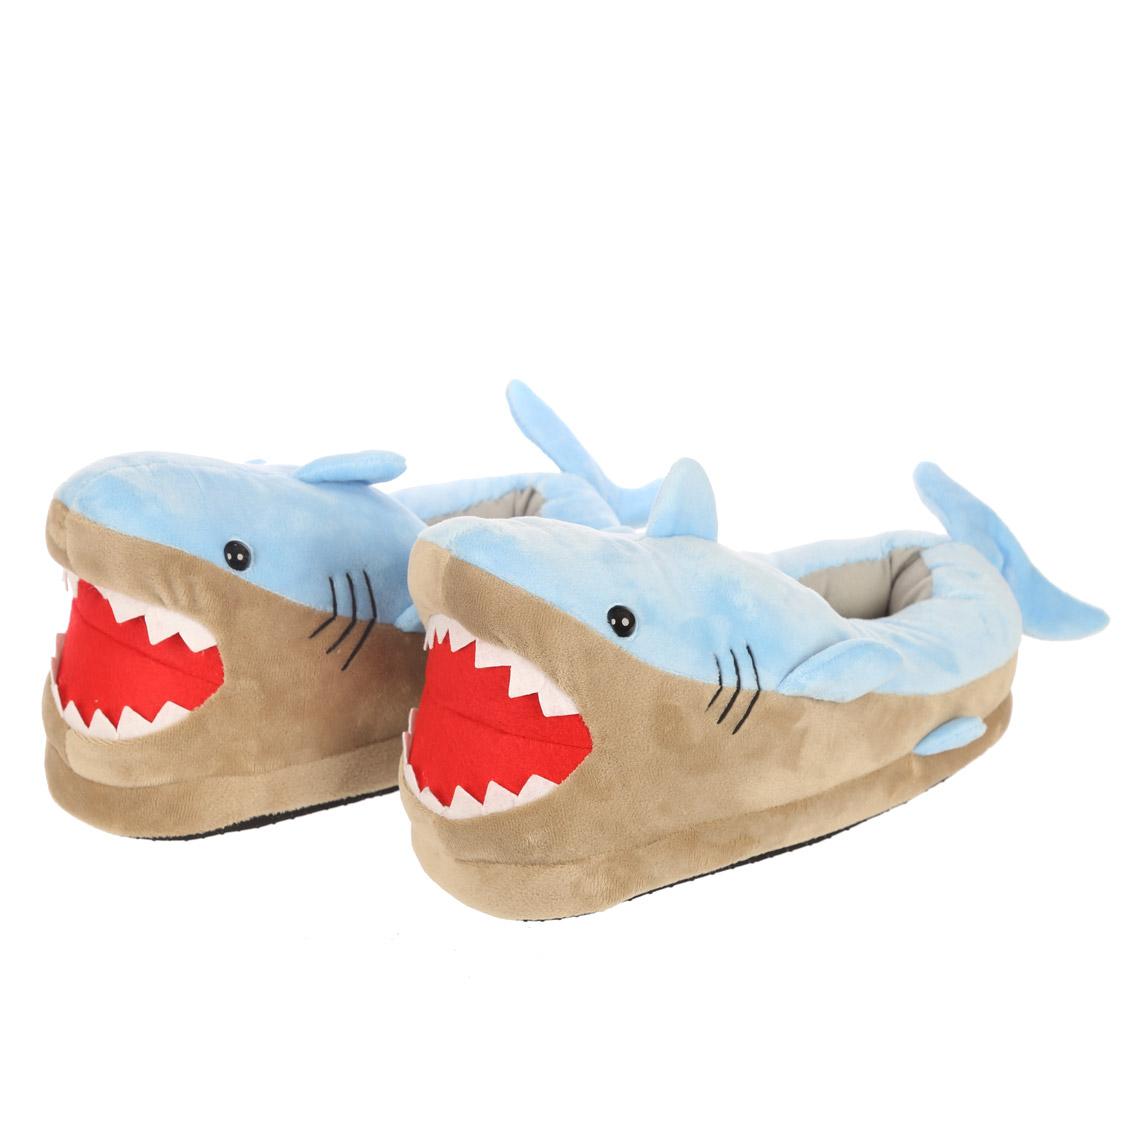 Shark Pair of Unisex Slippers